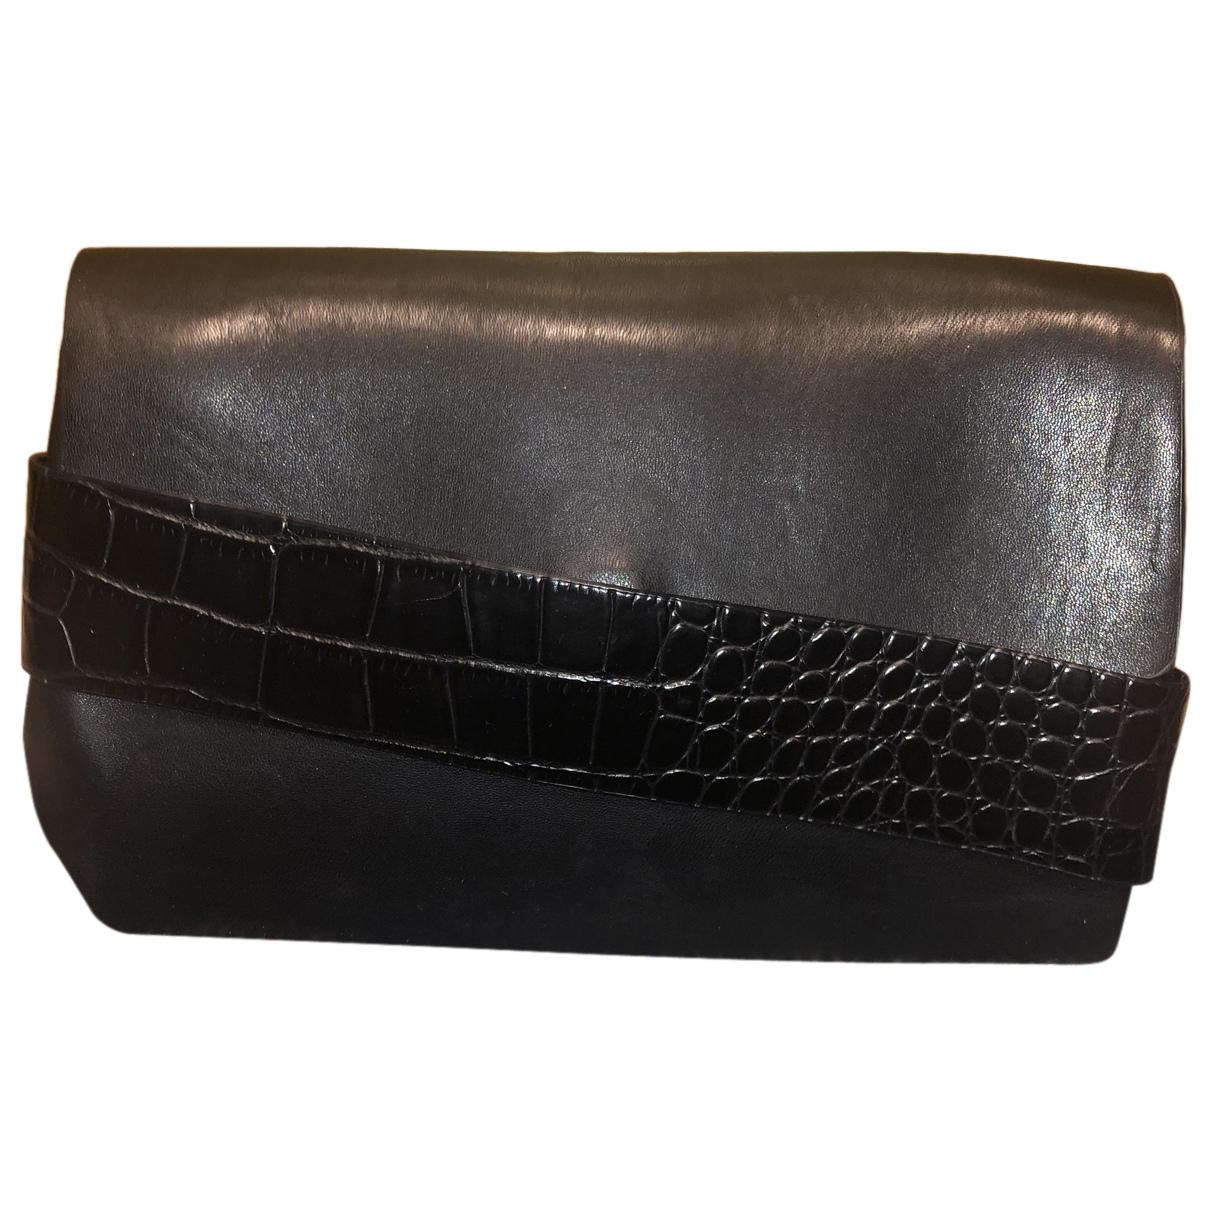 Zara \N Clutch in  Schwarz Polyester